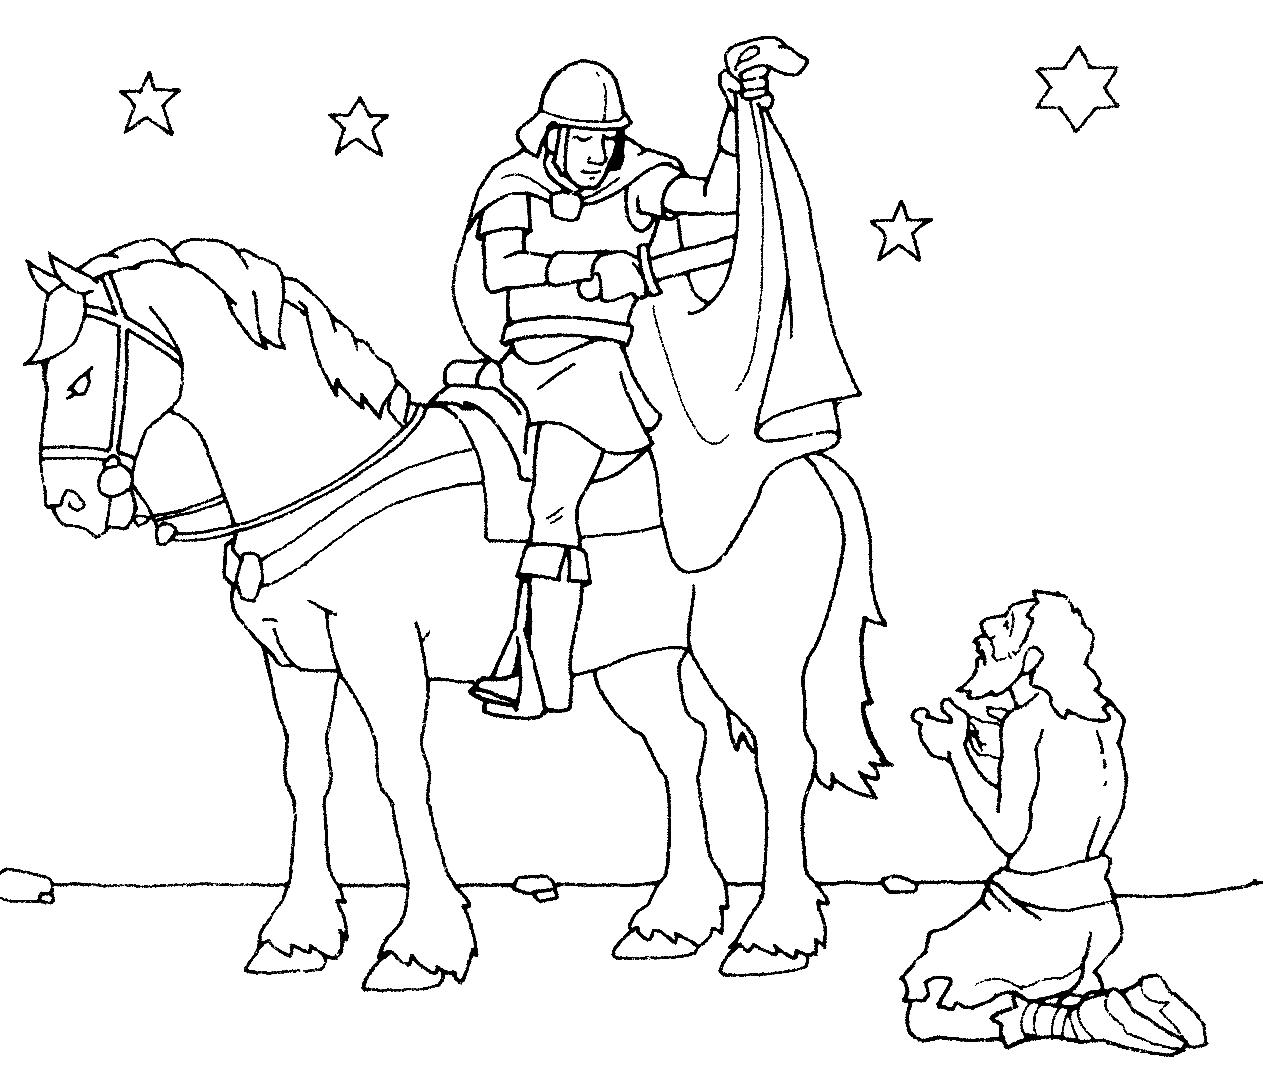 Martin und Bettler1 1263—1081